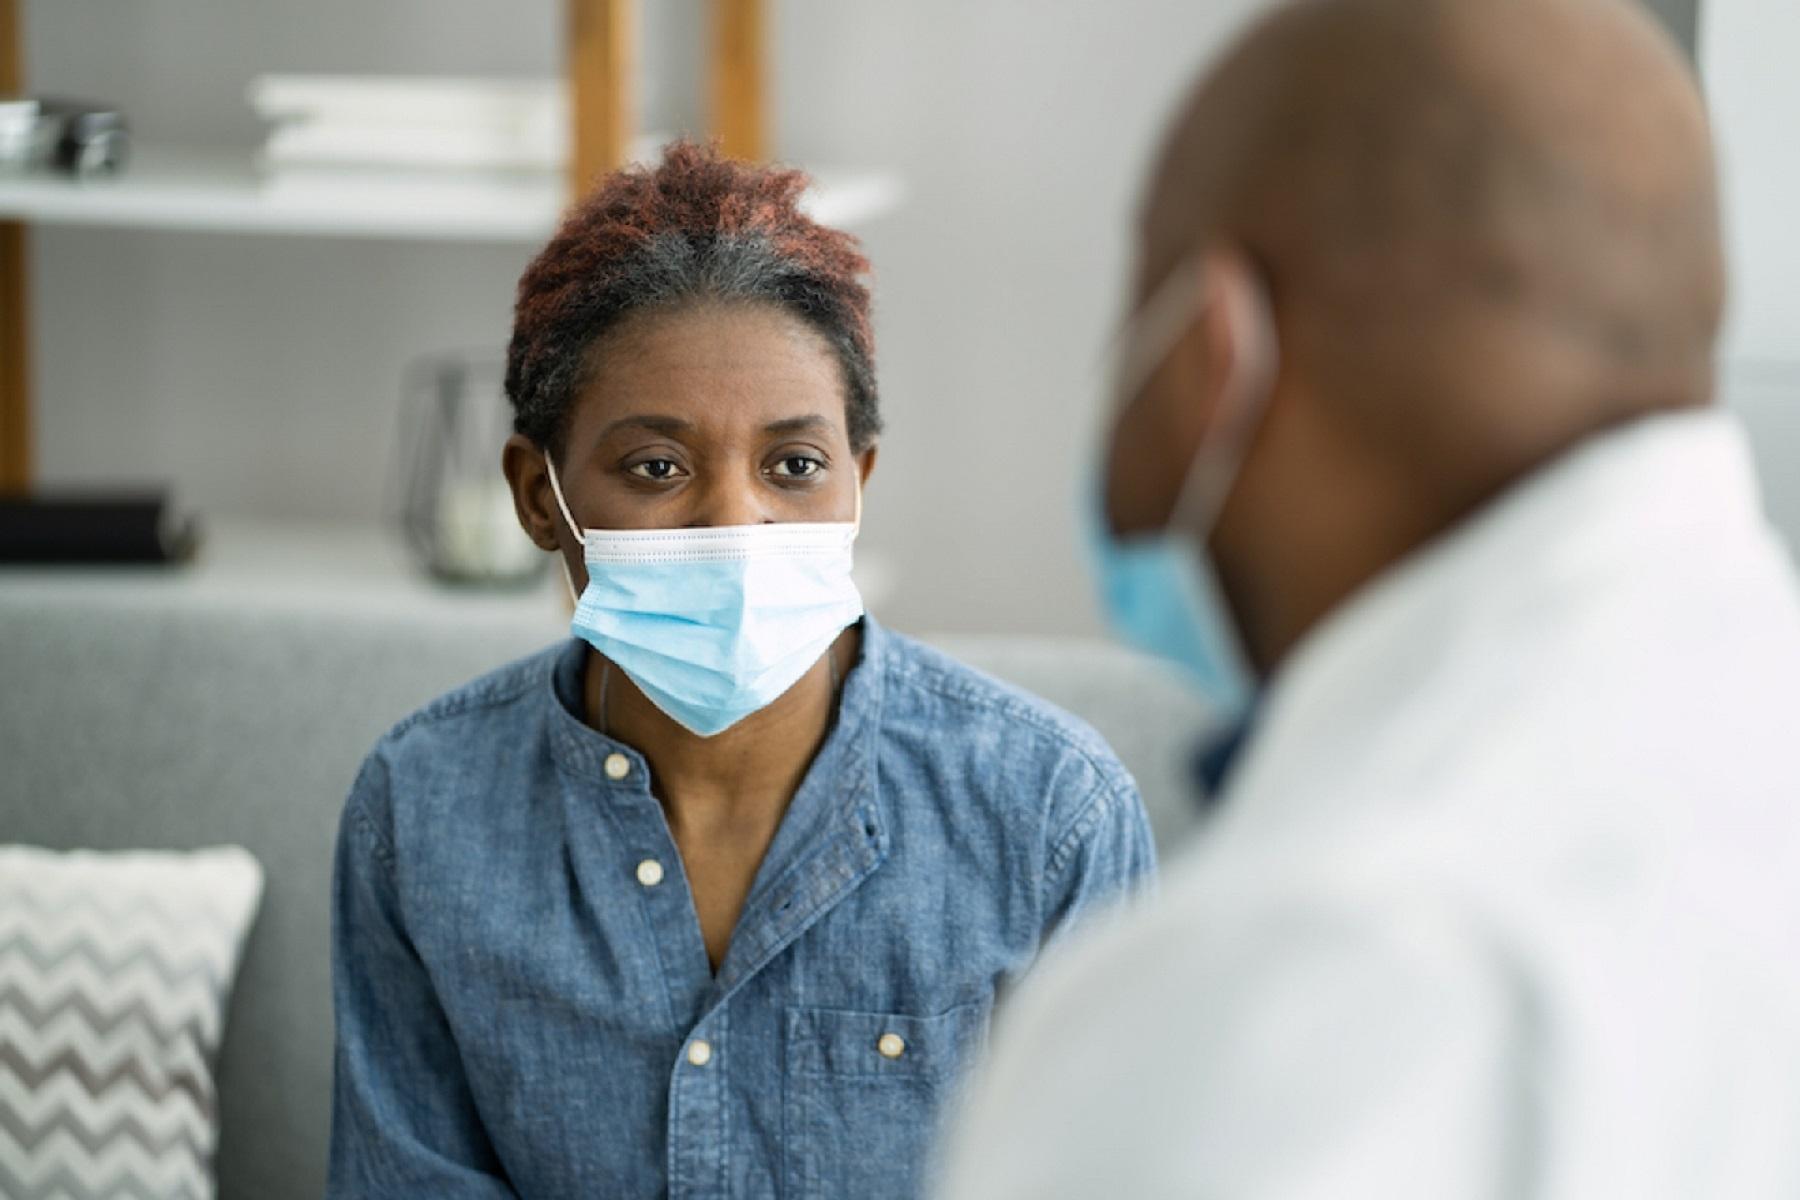 Εμβολιασμοί Ανοσοκαταστολή: Η προ-πανδημική κανονικότητα είναι πολύ μακριά για τους ανοσοκατασταλμένους